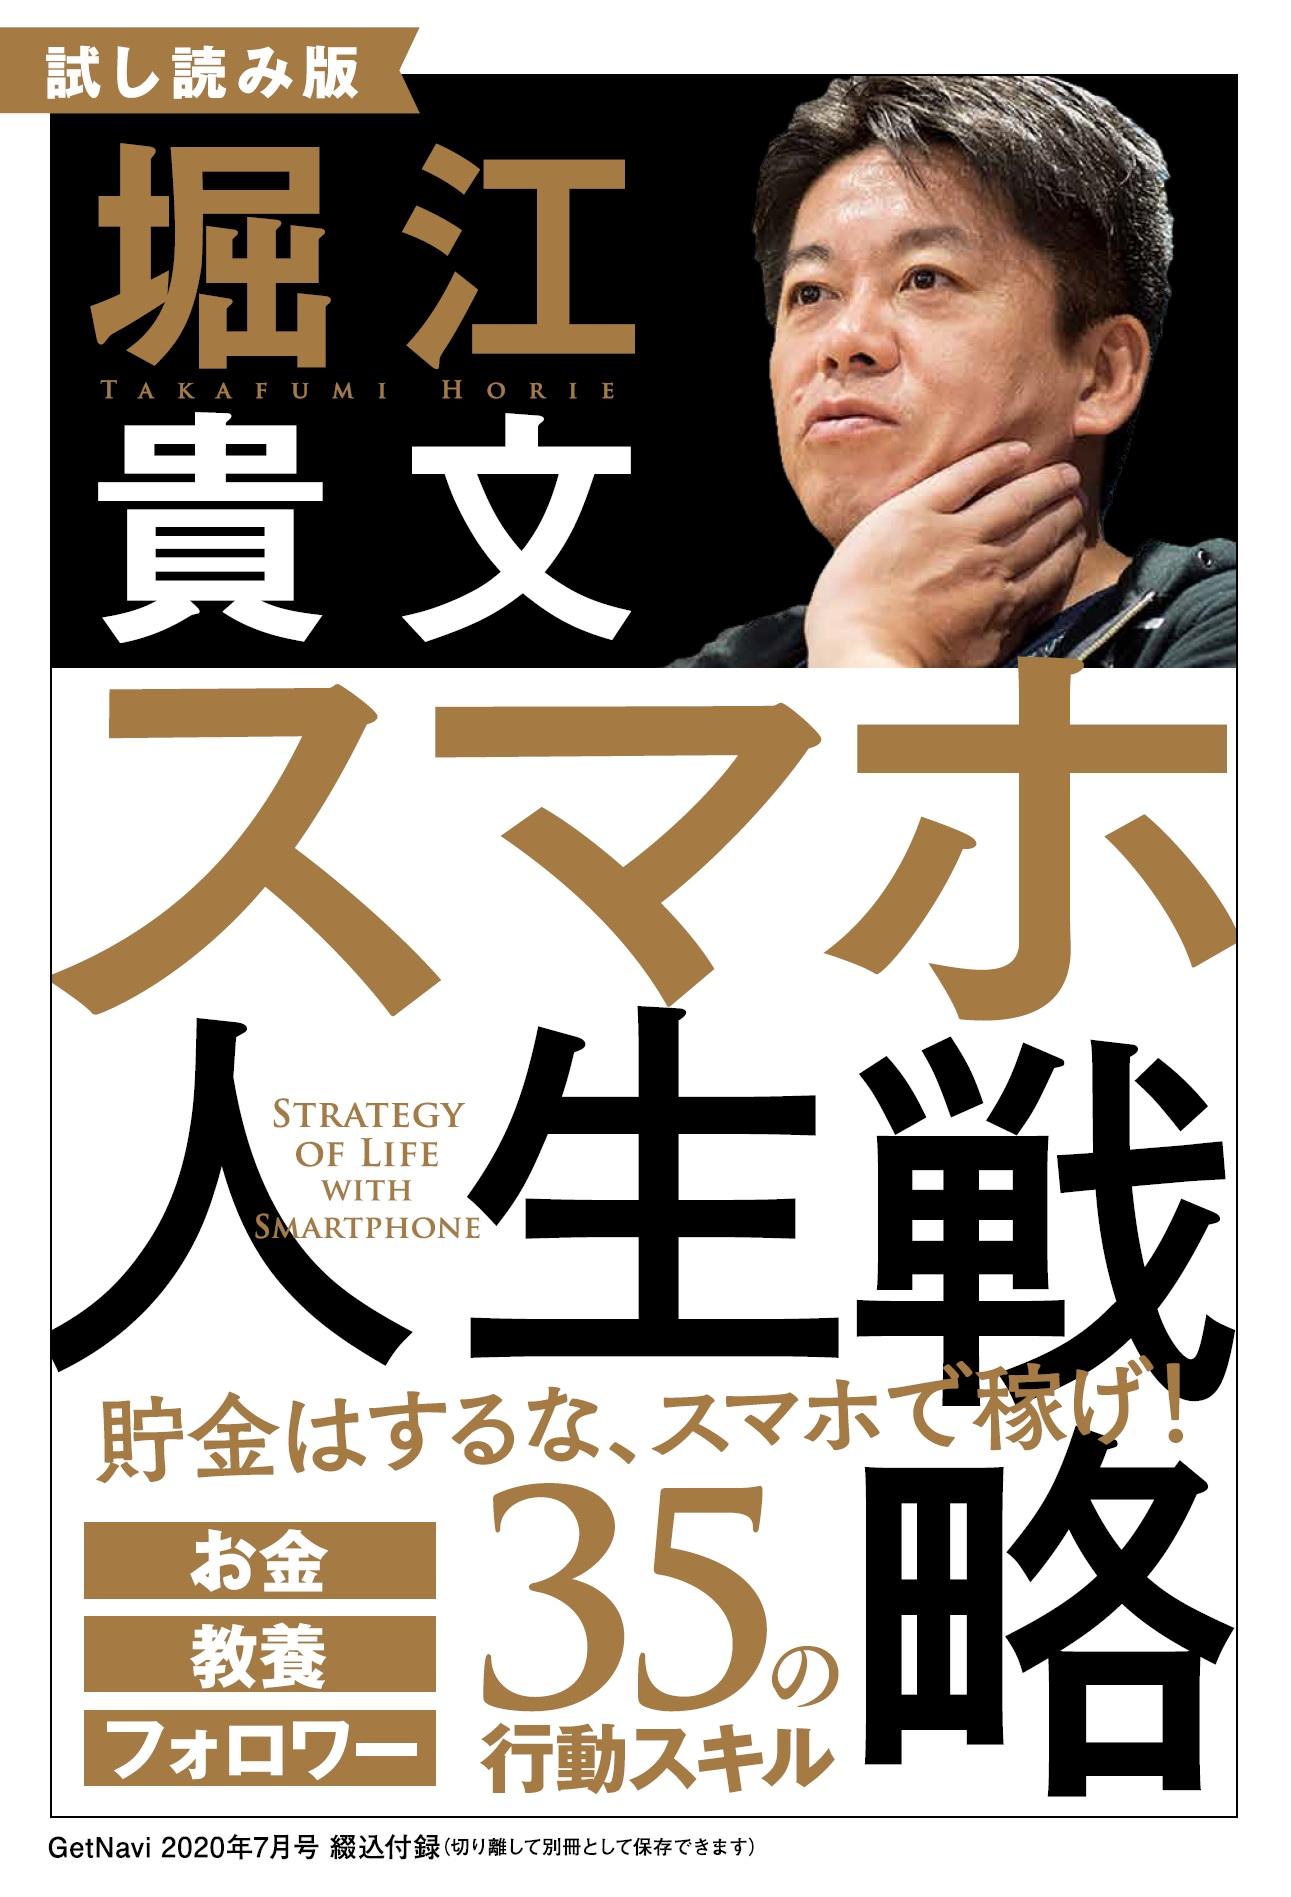 「堀江貴文著『スマホ人生戦略』試し読み版」書影